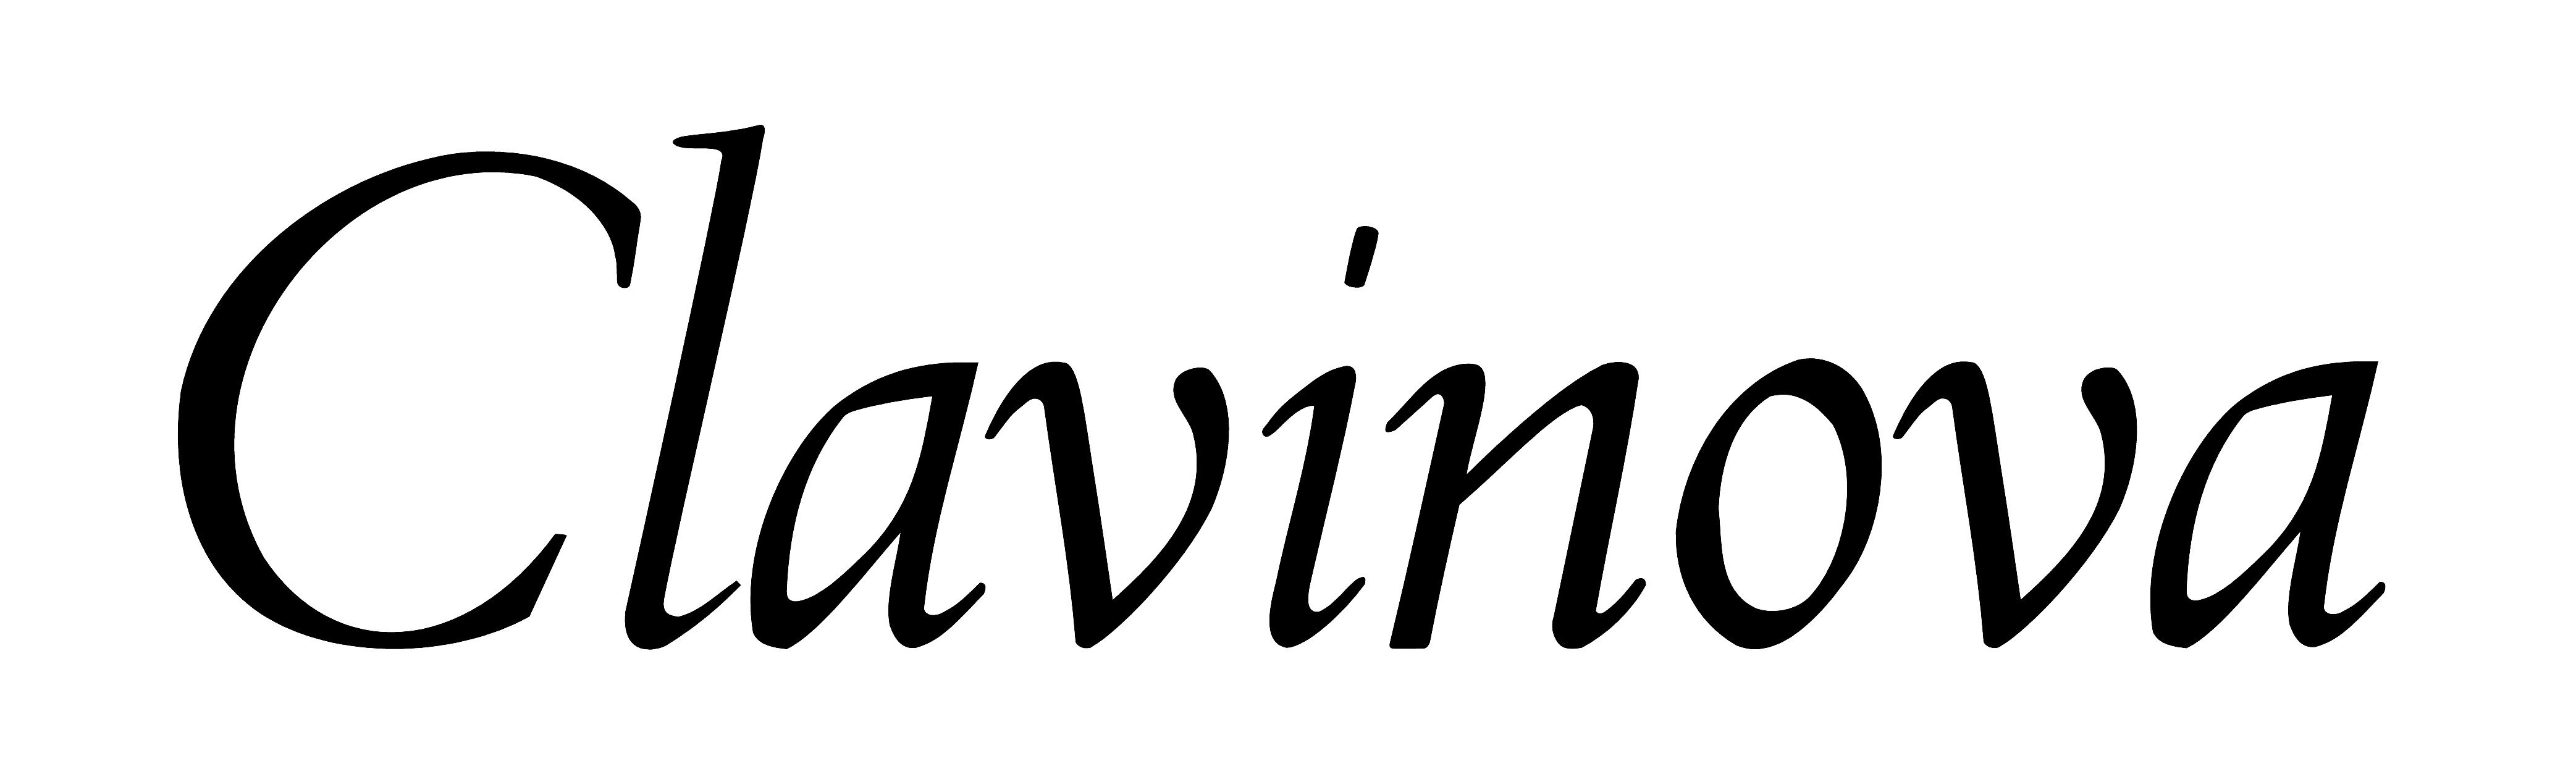 Clavinova Logo Hi Res.jpg